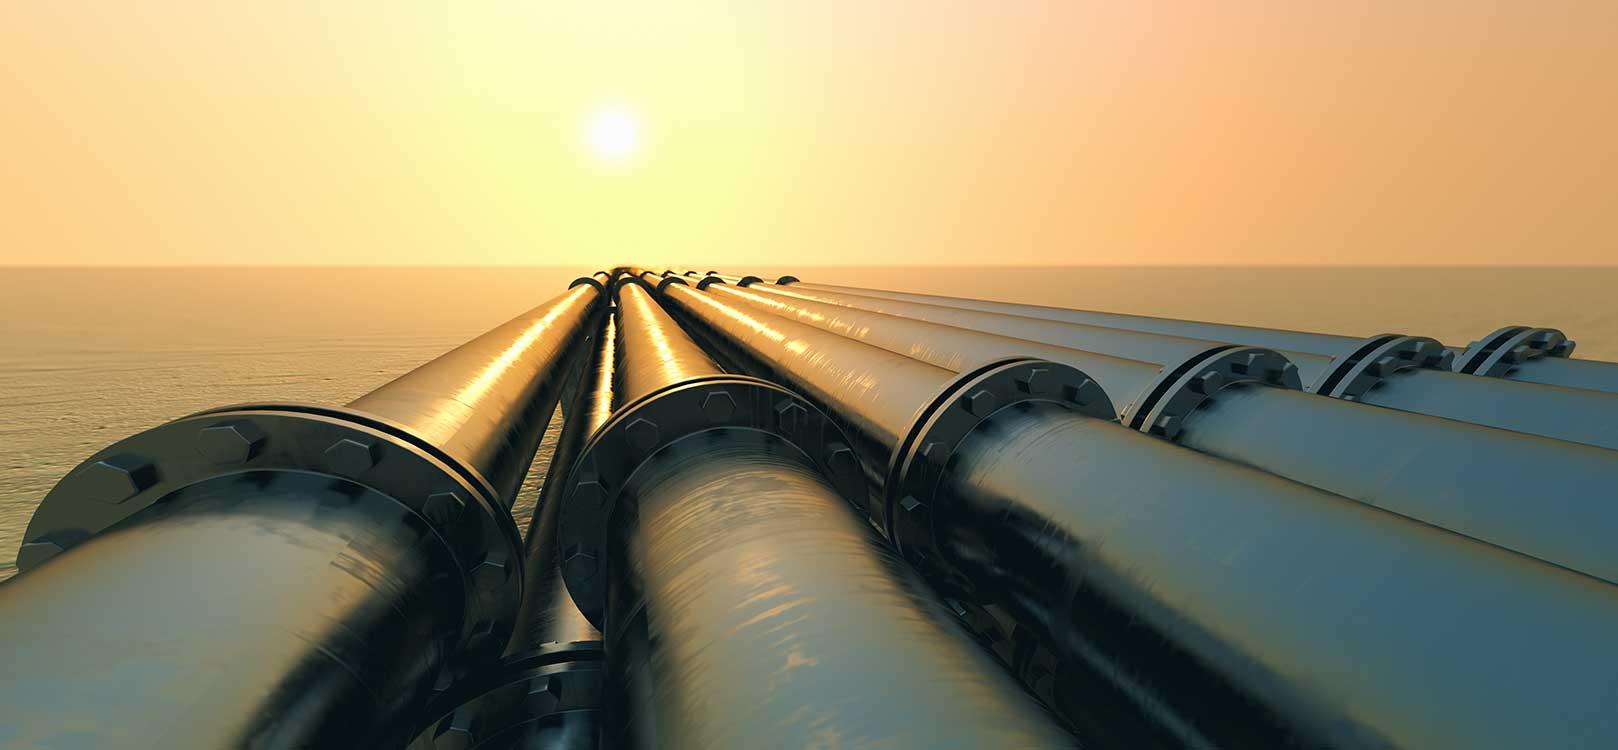 Instalaciones de gas natural bajo el atardecer